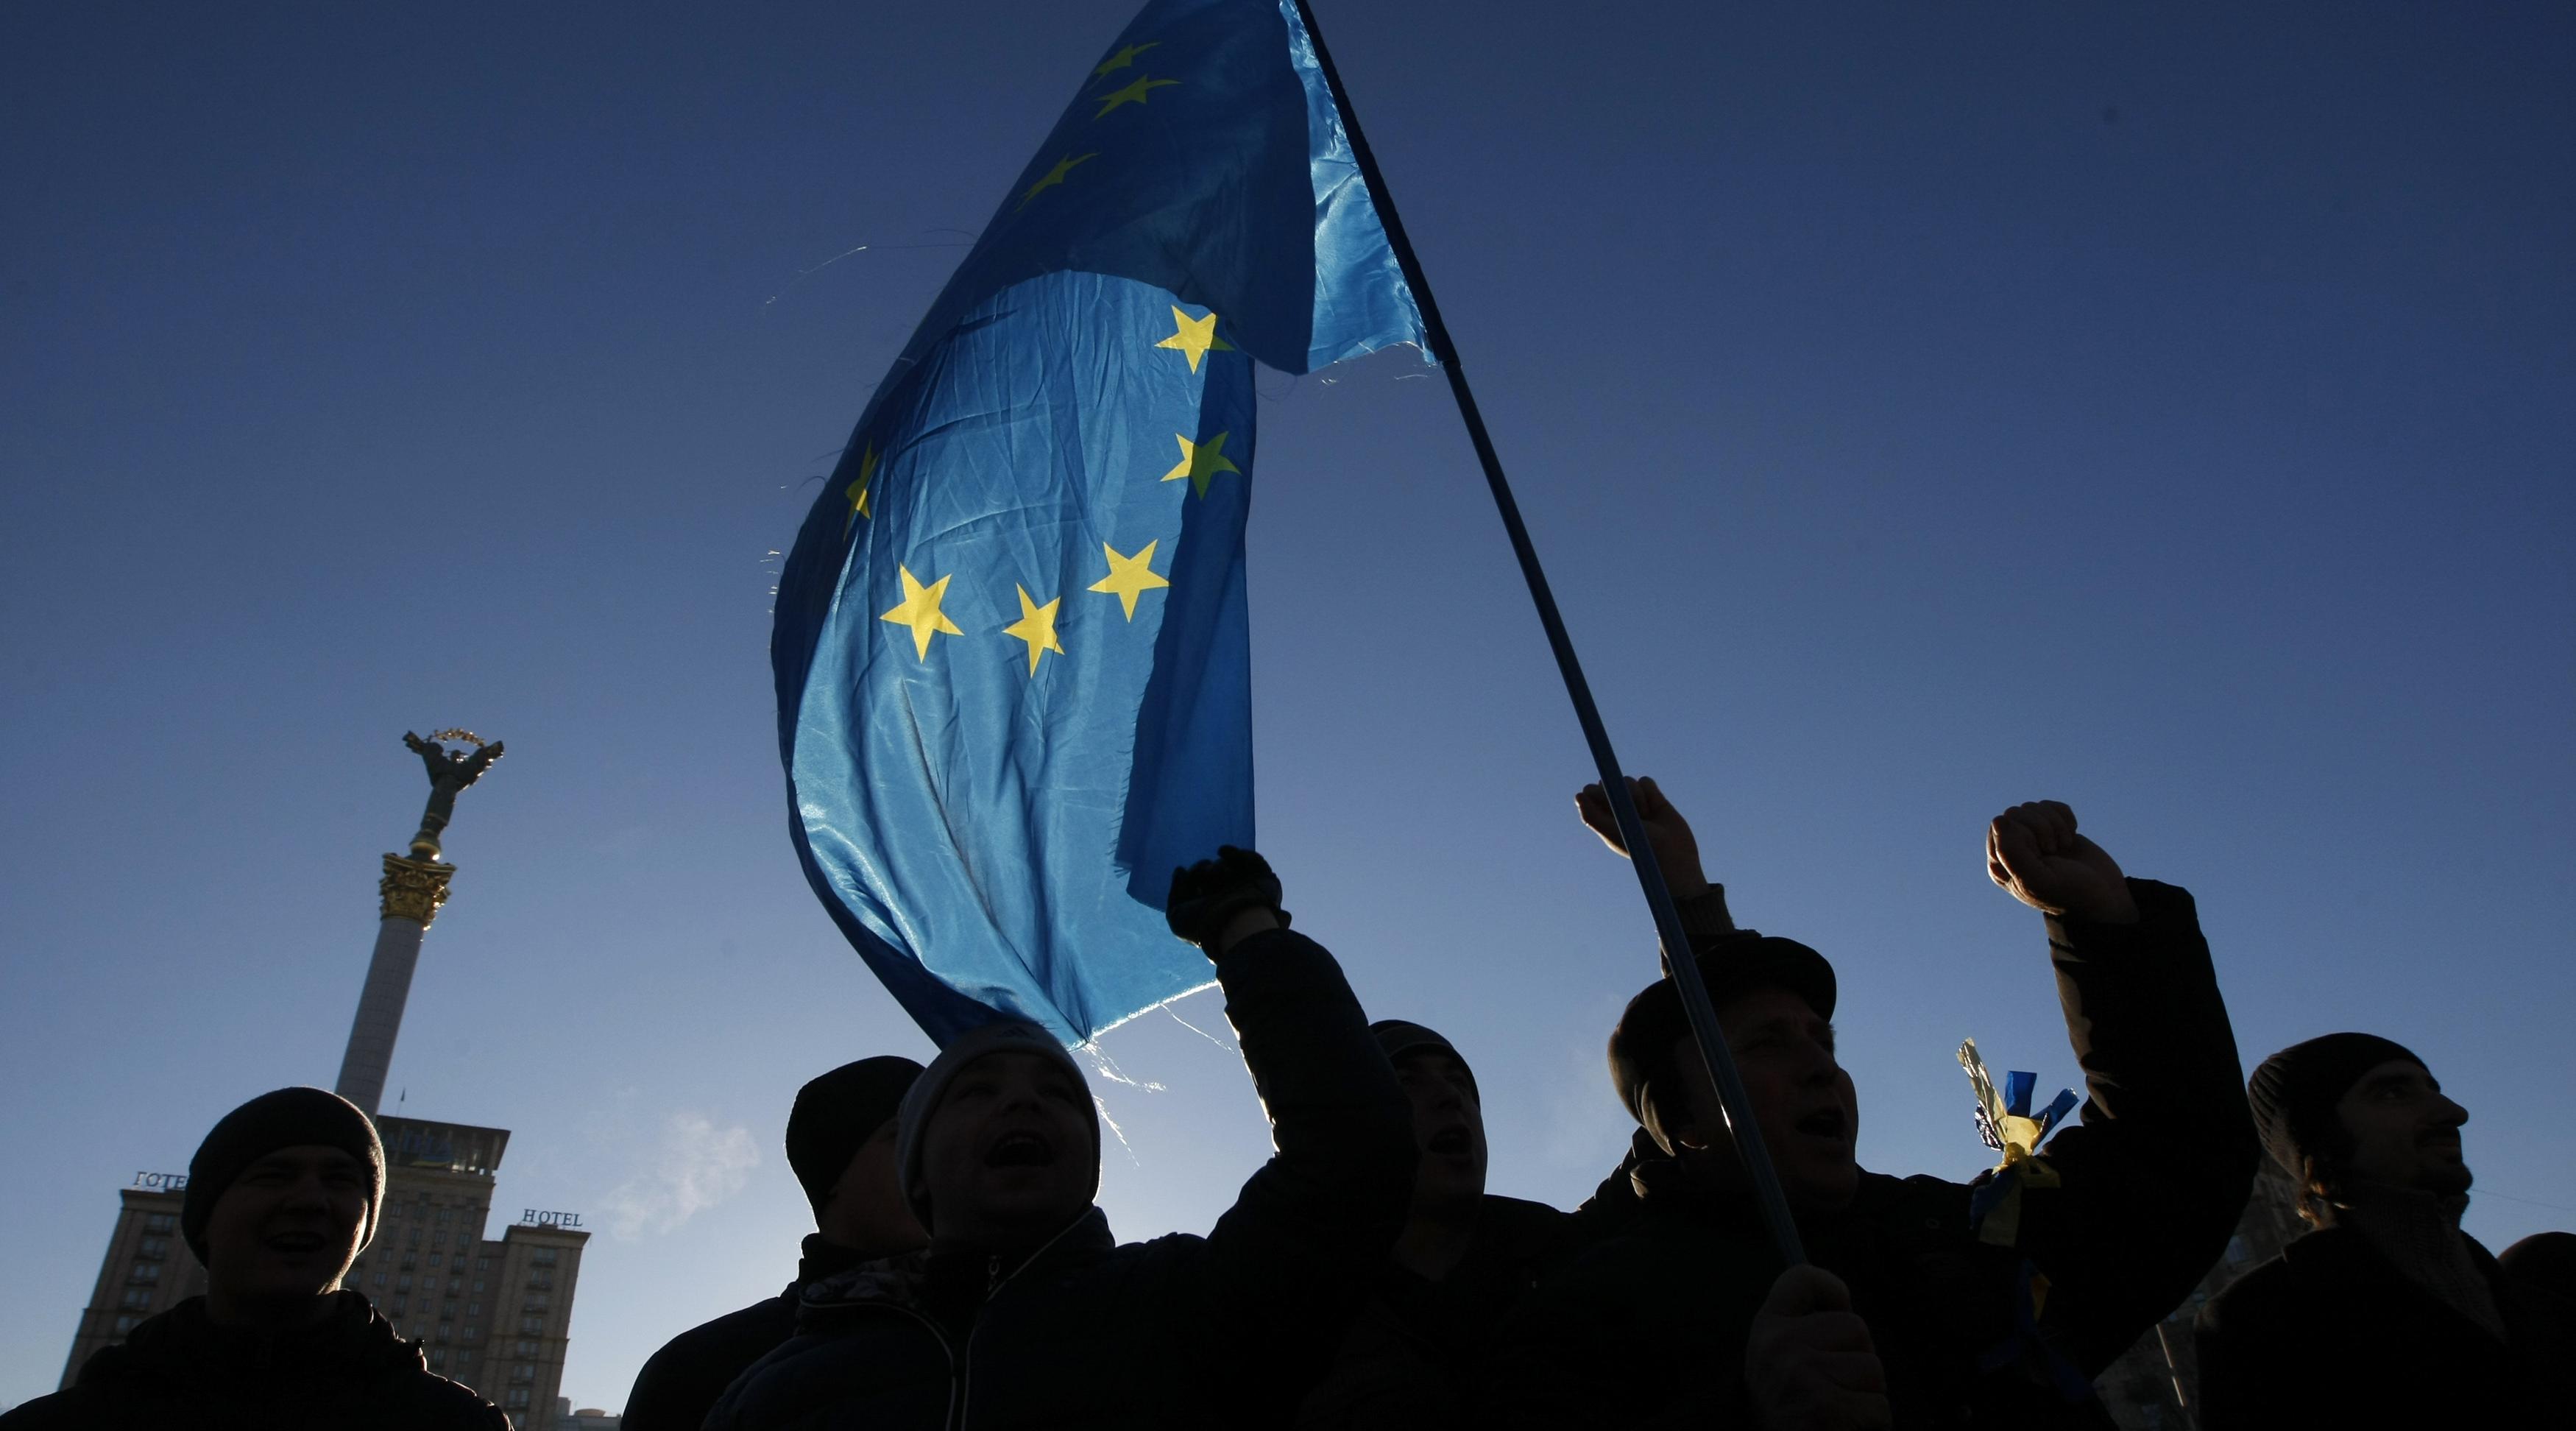 """Будни """"евроинтеграции"""" - главой КБ """"Южное"""" хотят назначить торговца бытовой химией"""